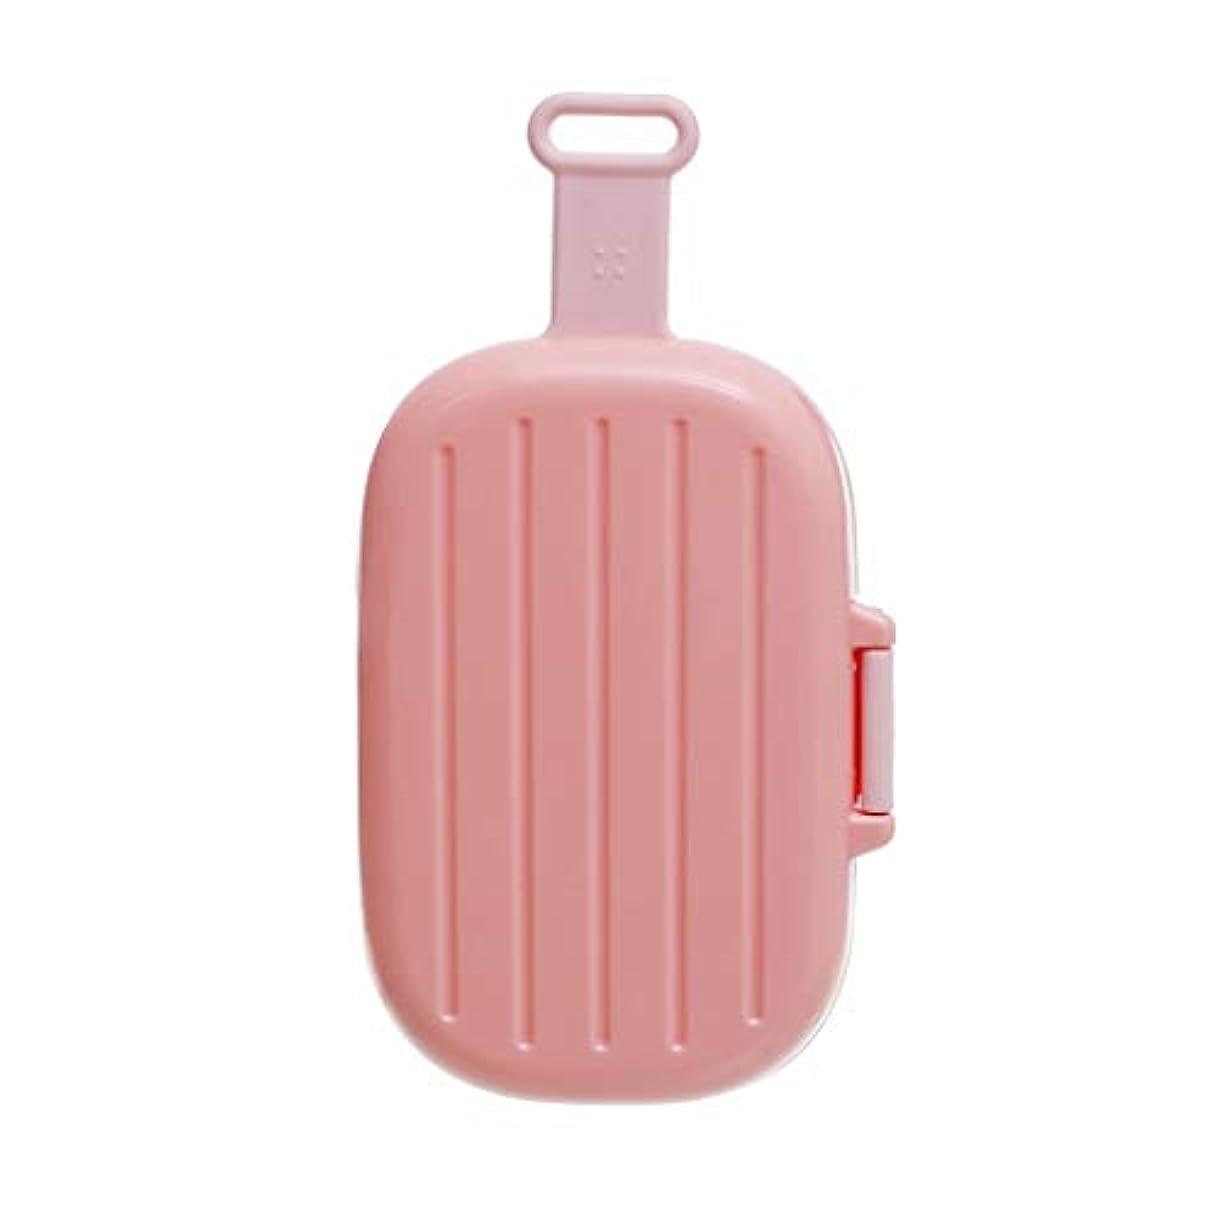 ケージ砂漠黒WXYXG 小さなピルボックスポータブルミニ防湿ポータブル薬箱1週間収納7日収納小さなピルシール箱 (Color : Pink, Size : 15cm×3cm×8cm)